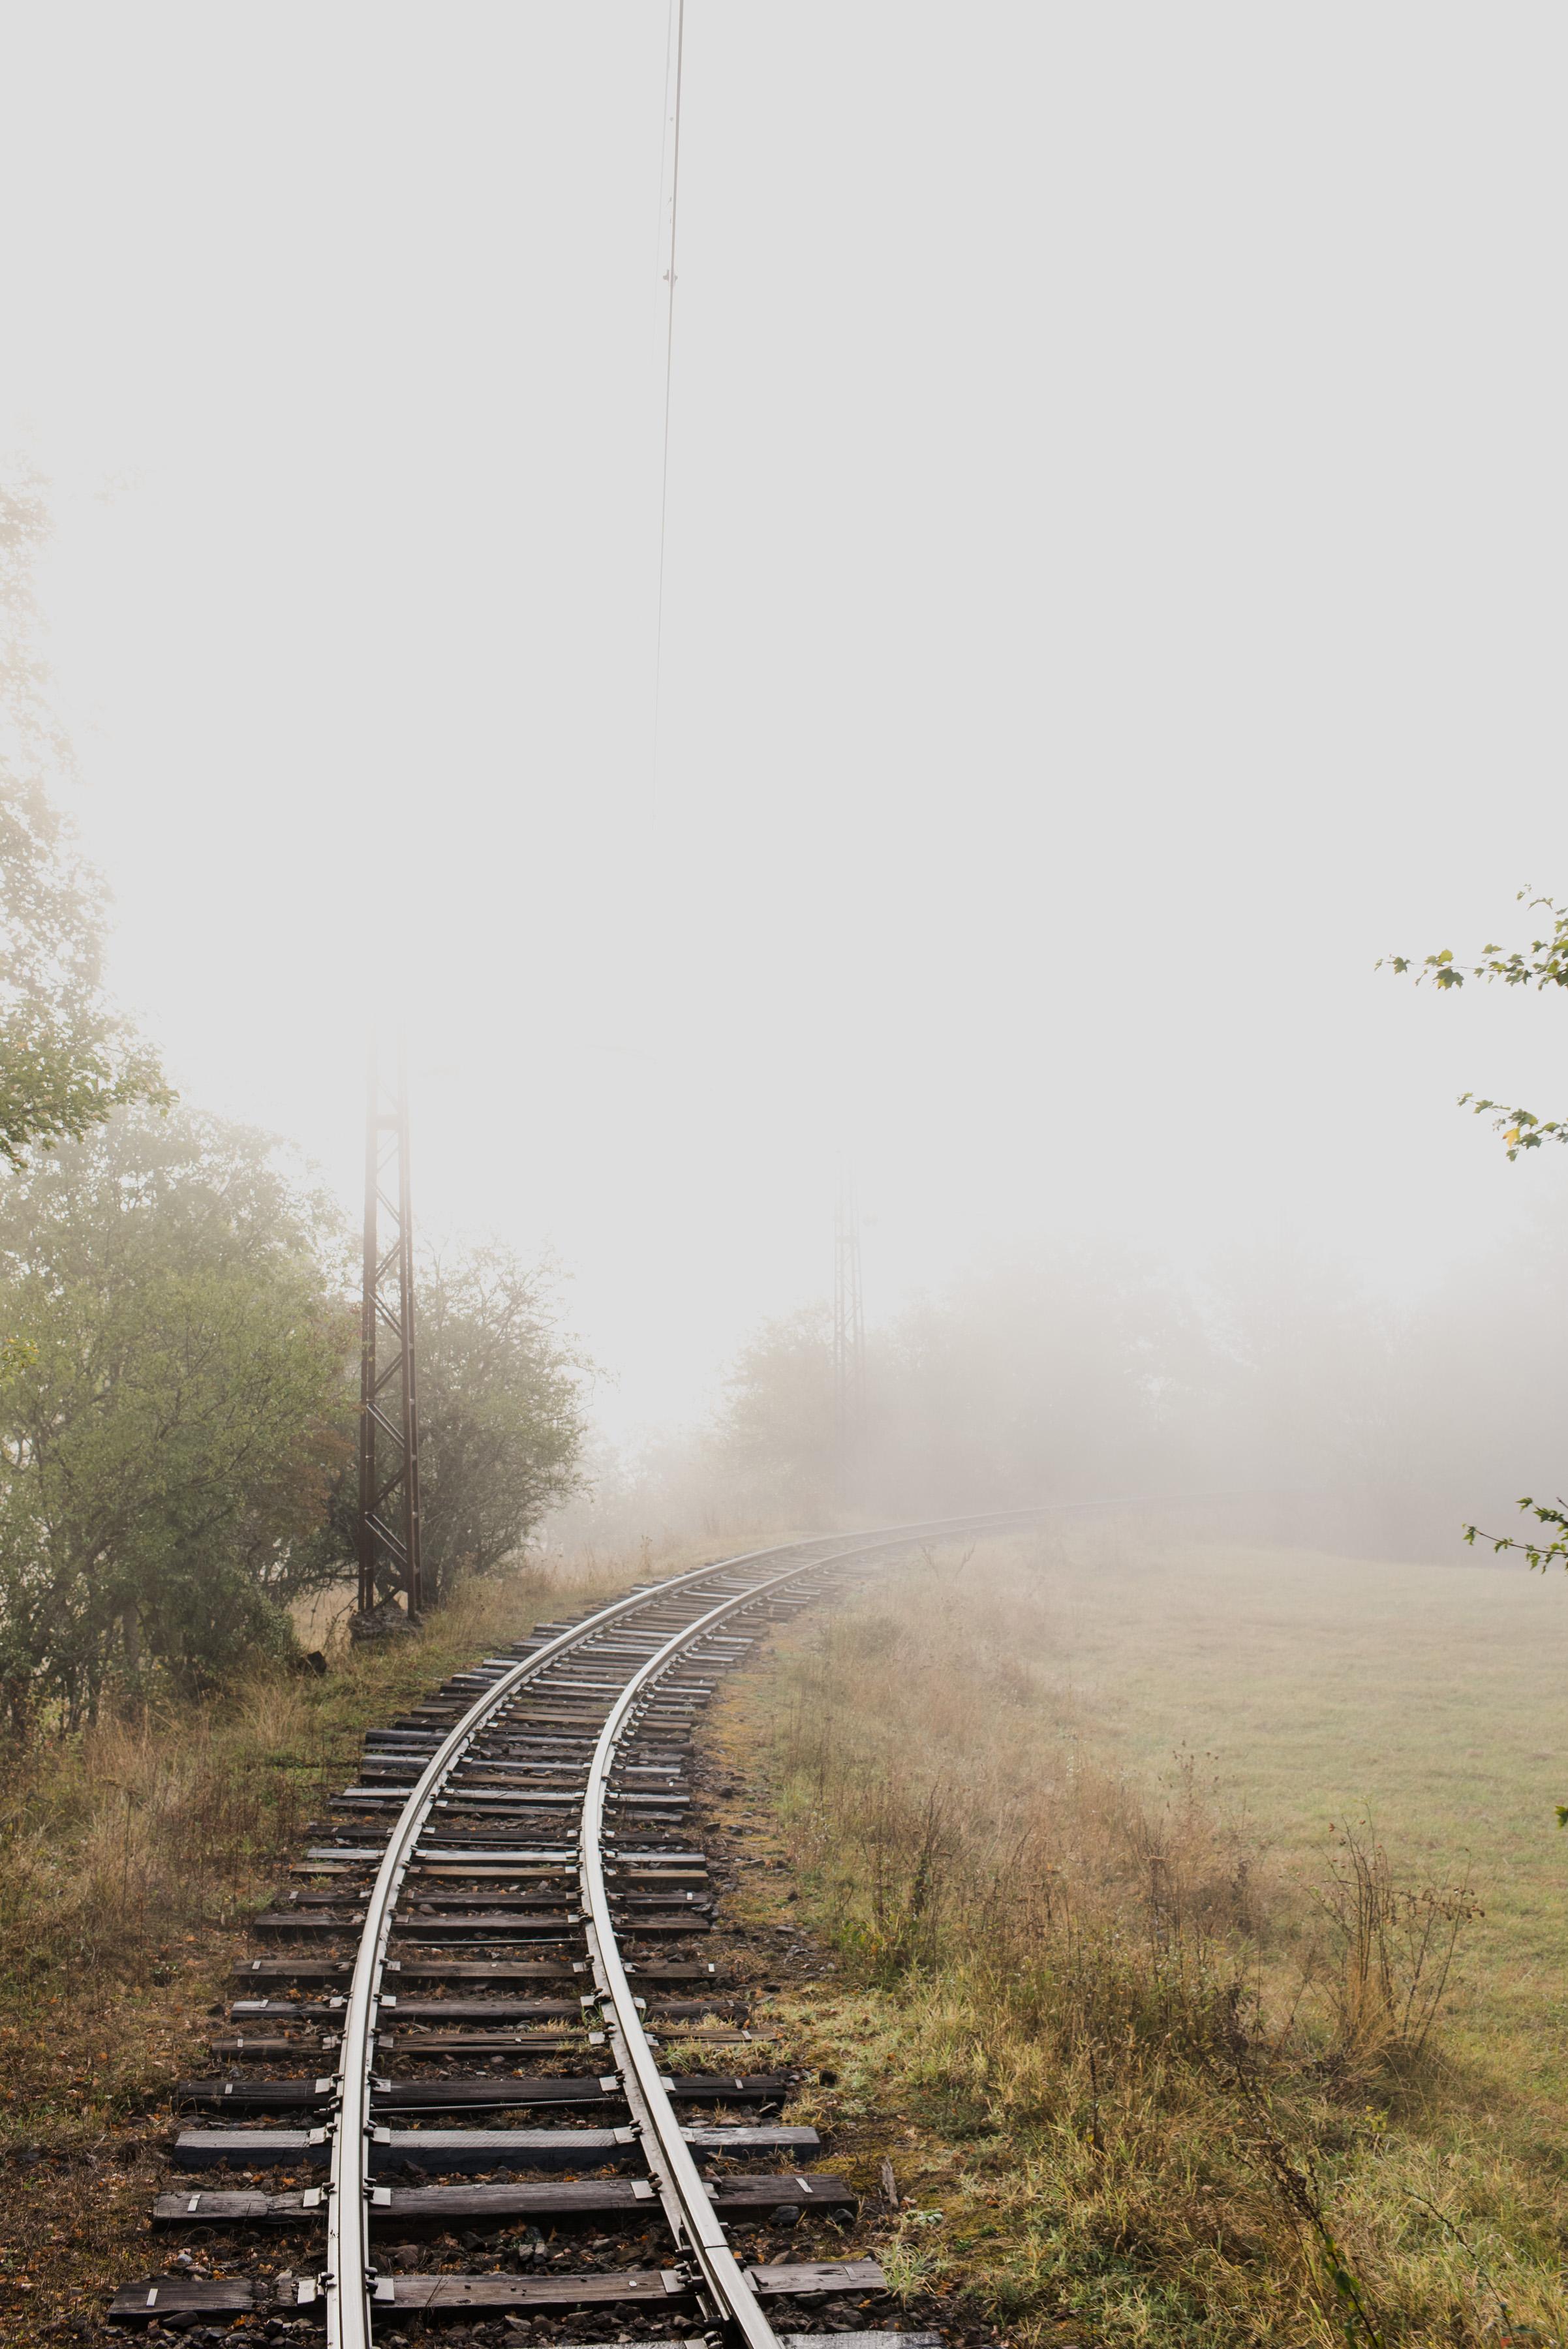 chernaya-6632.jpg